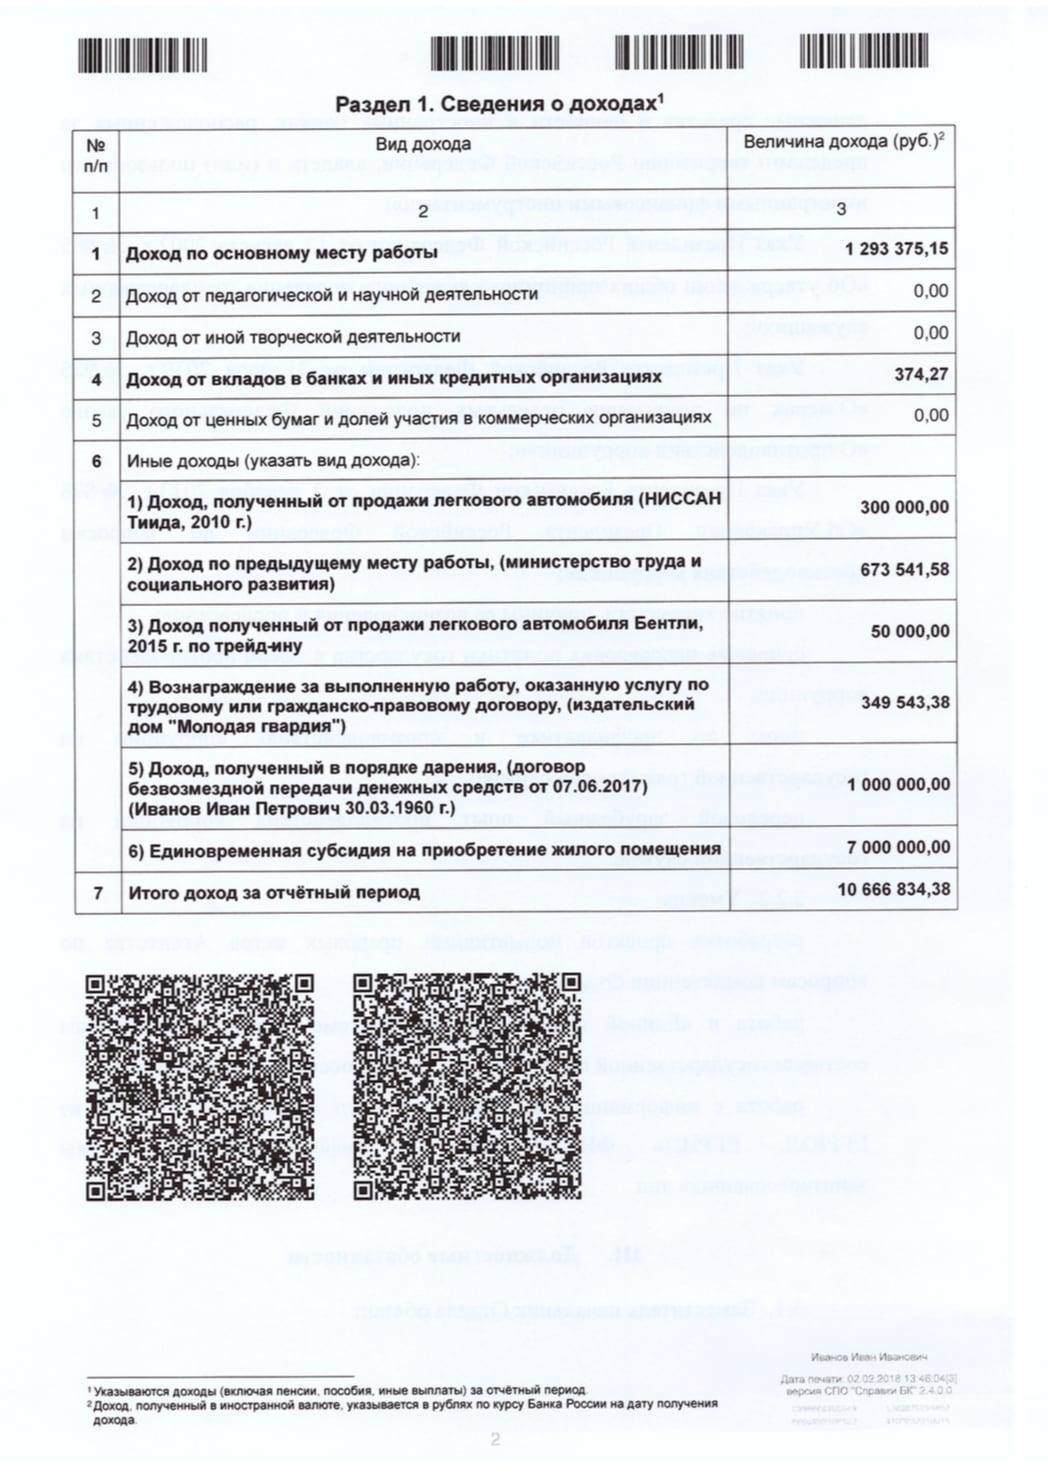 Заполнение справок о доходах при поступлении на госслужбу 2019